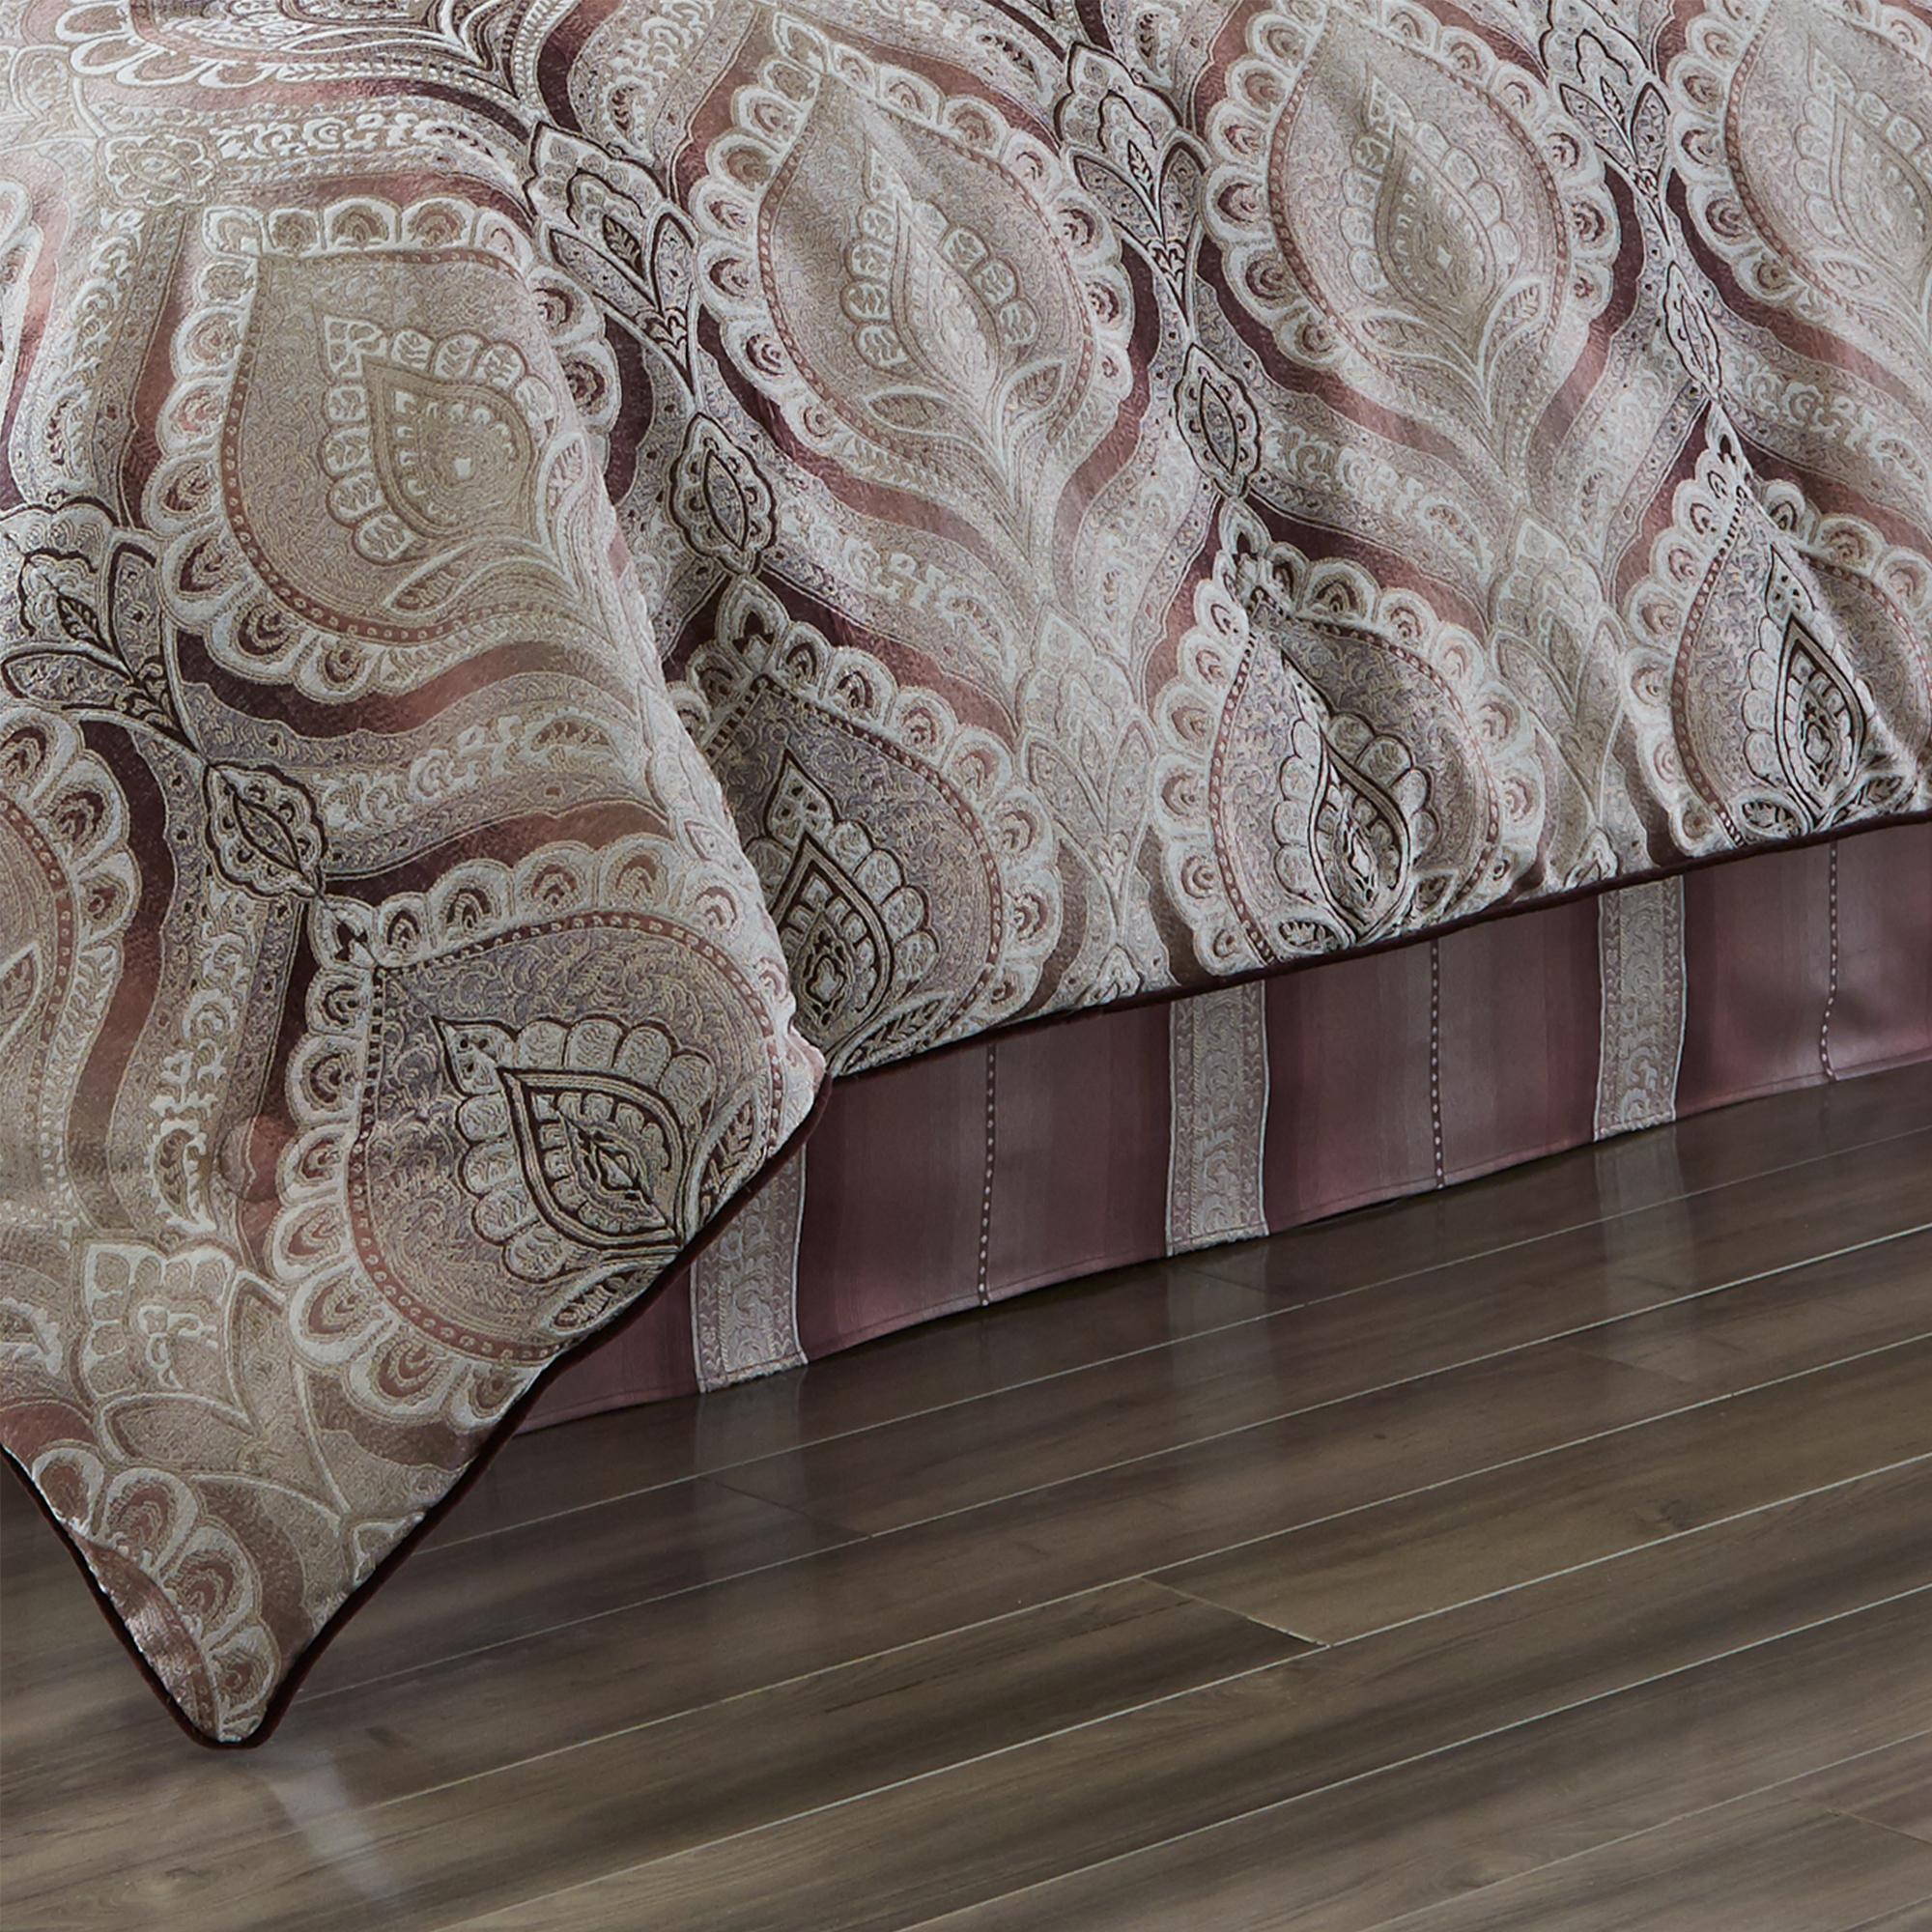 Gianna Cal King 4 Piece Comforter Set